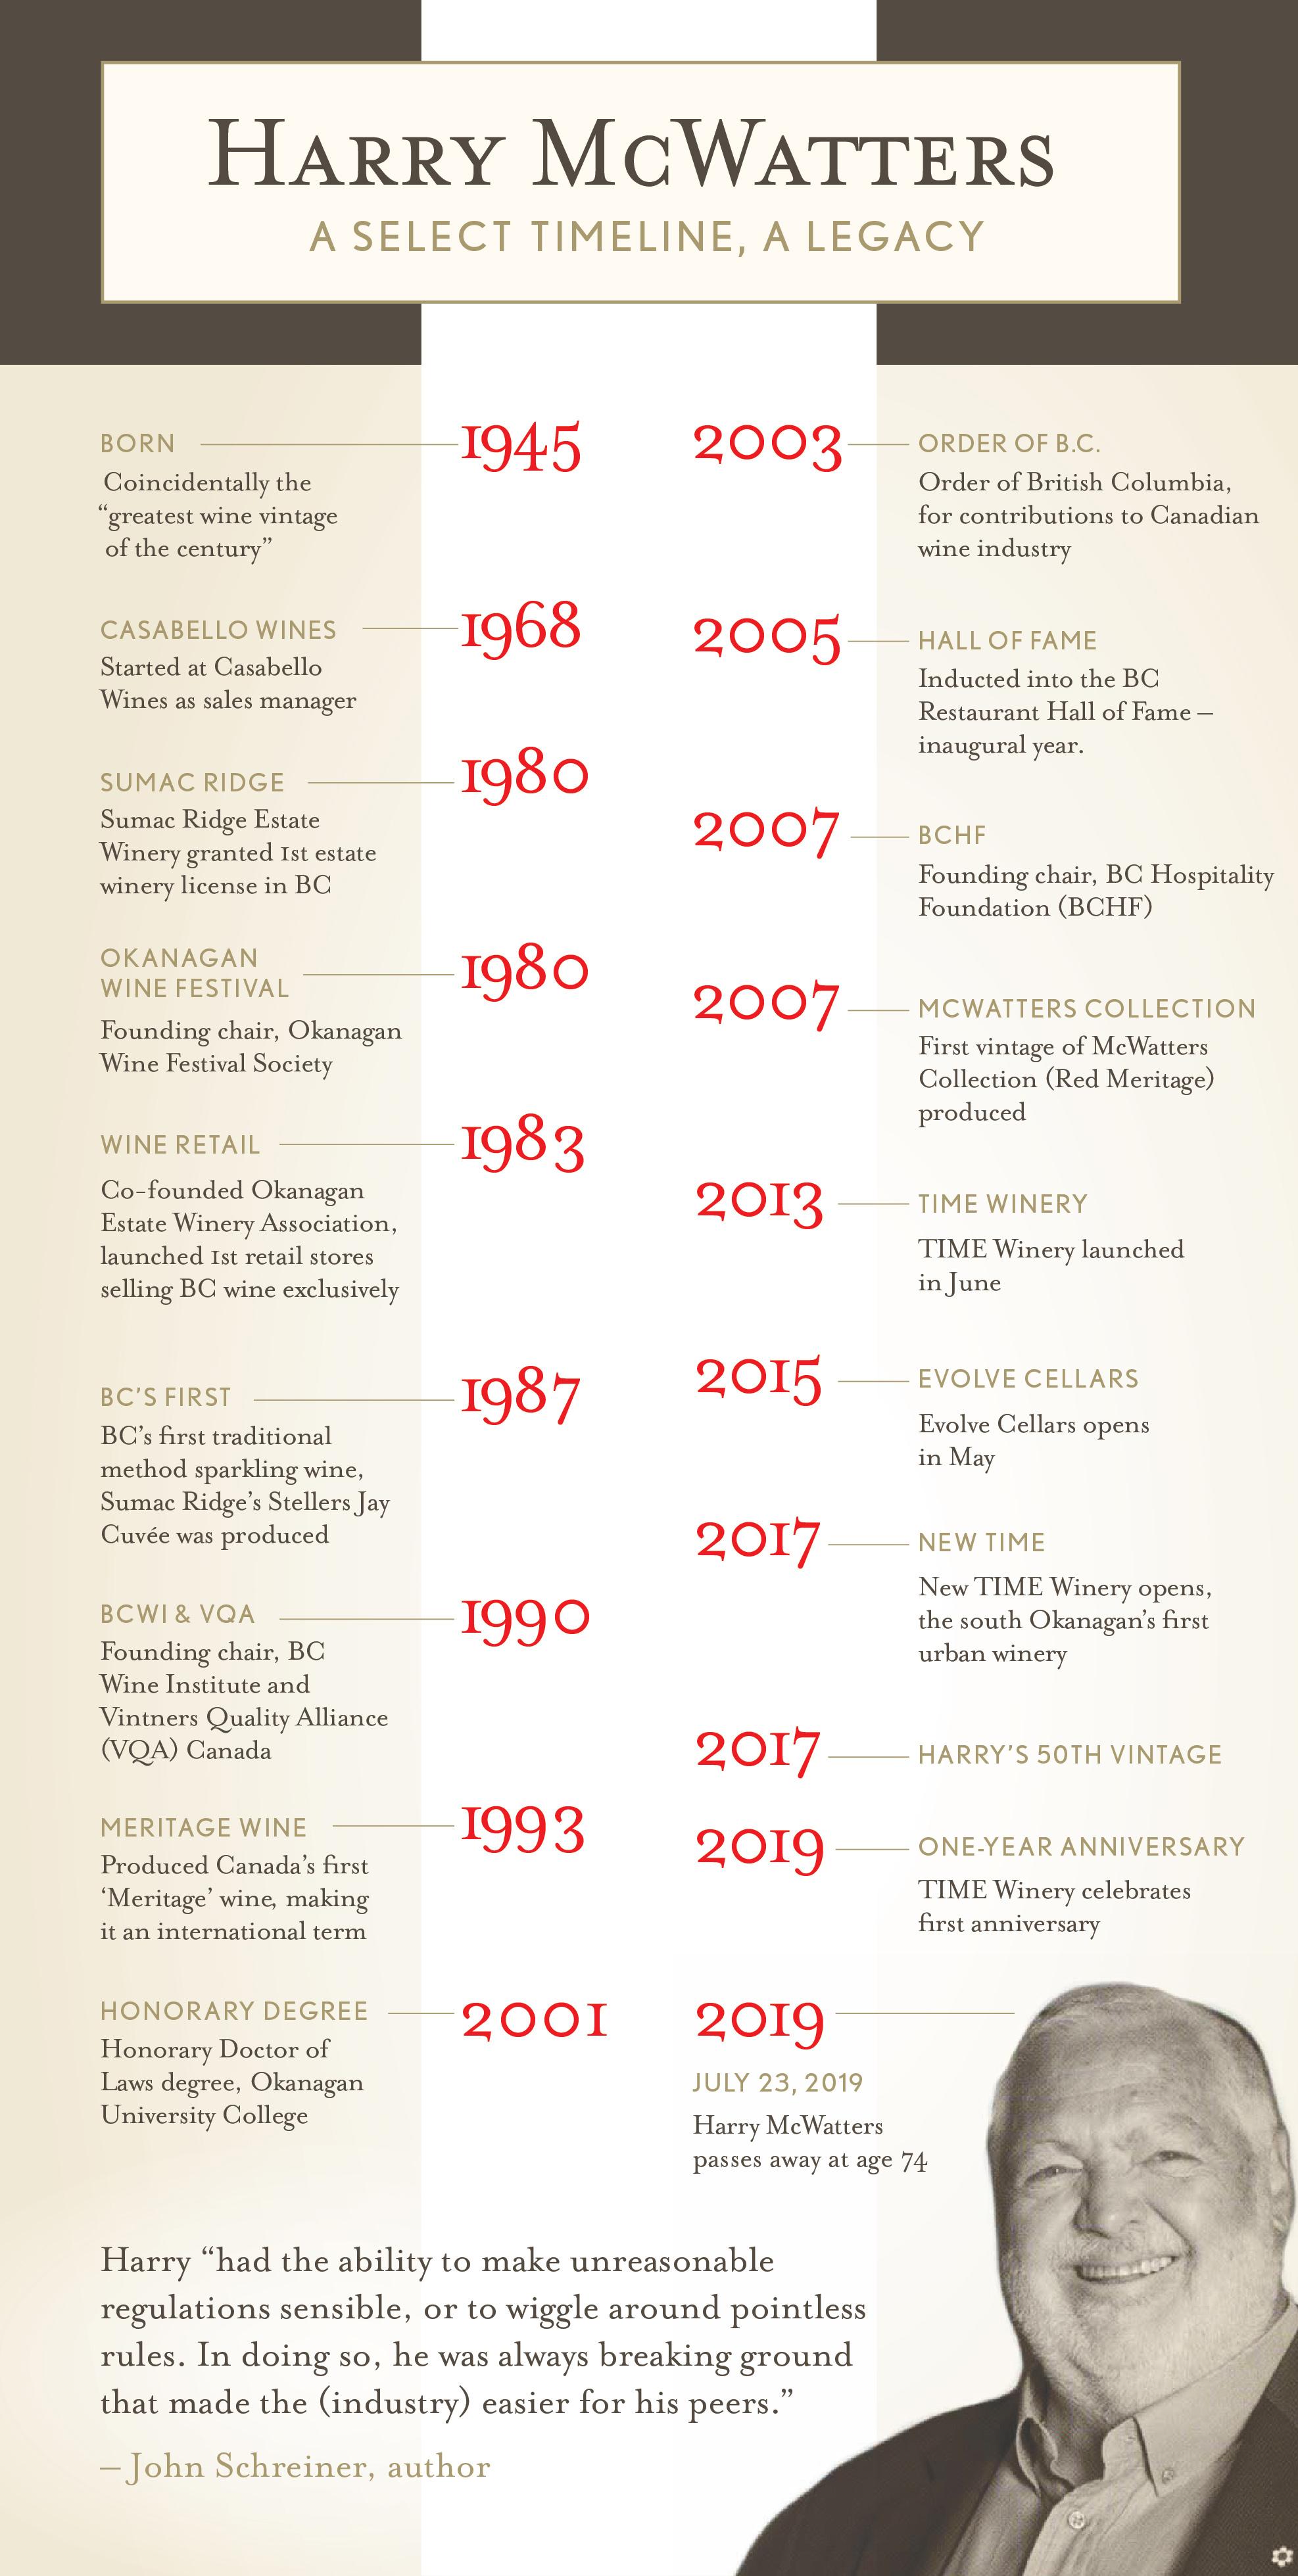 Harry-McWatters-Timeline-July2019.jpg